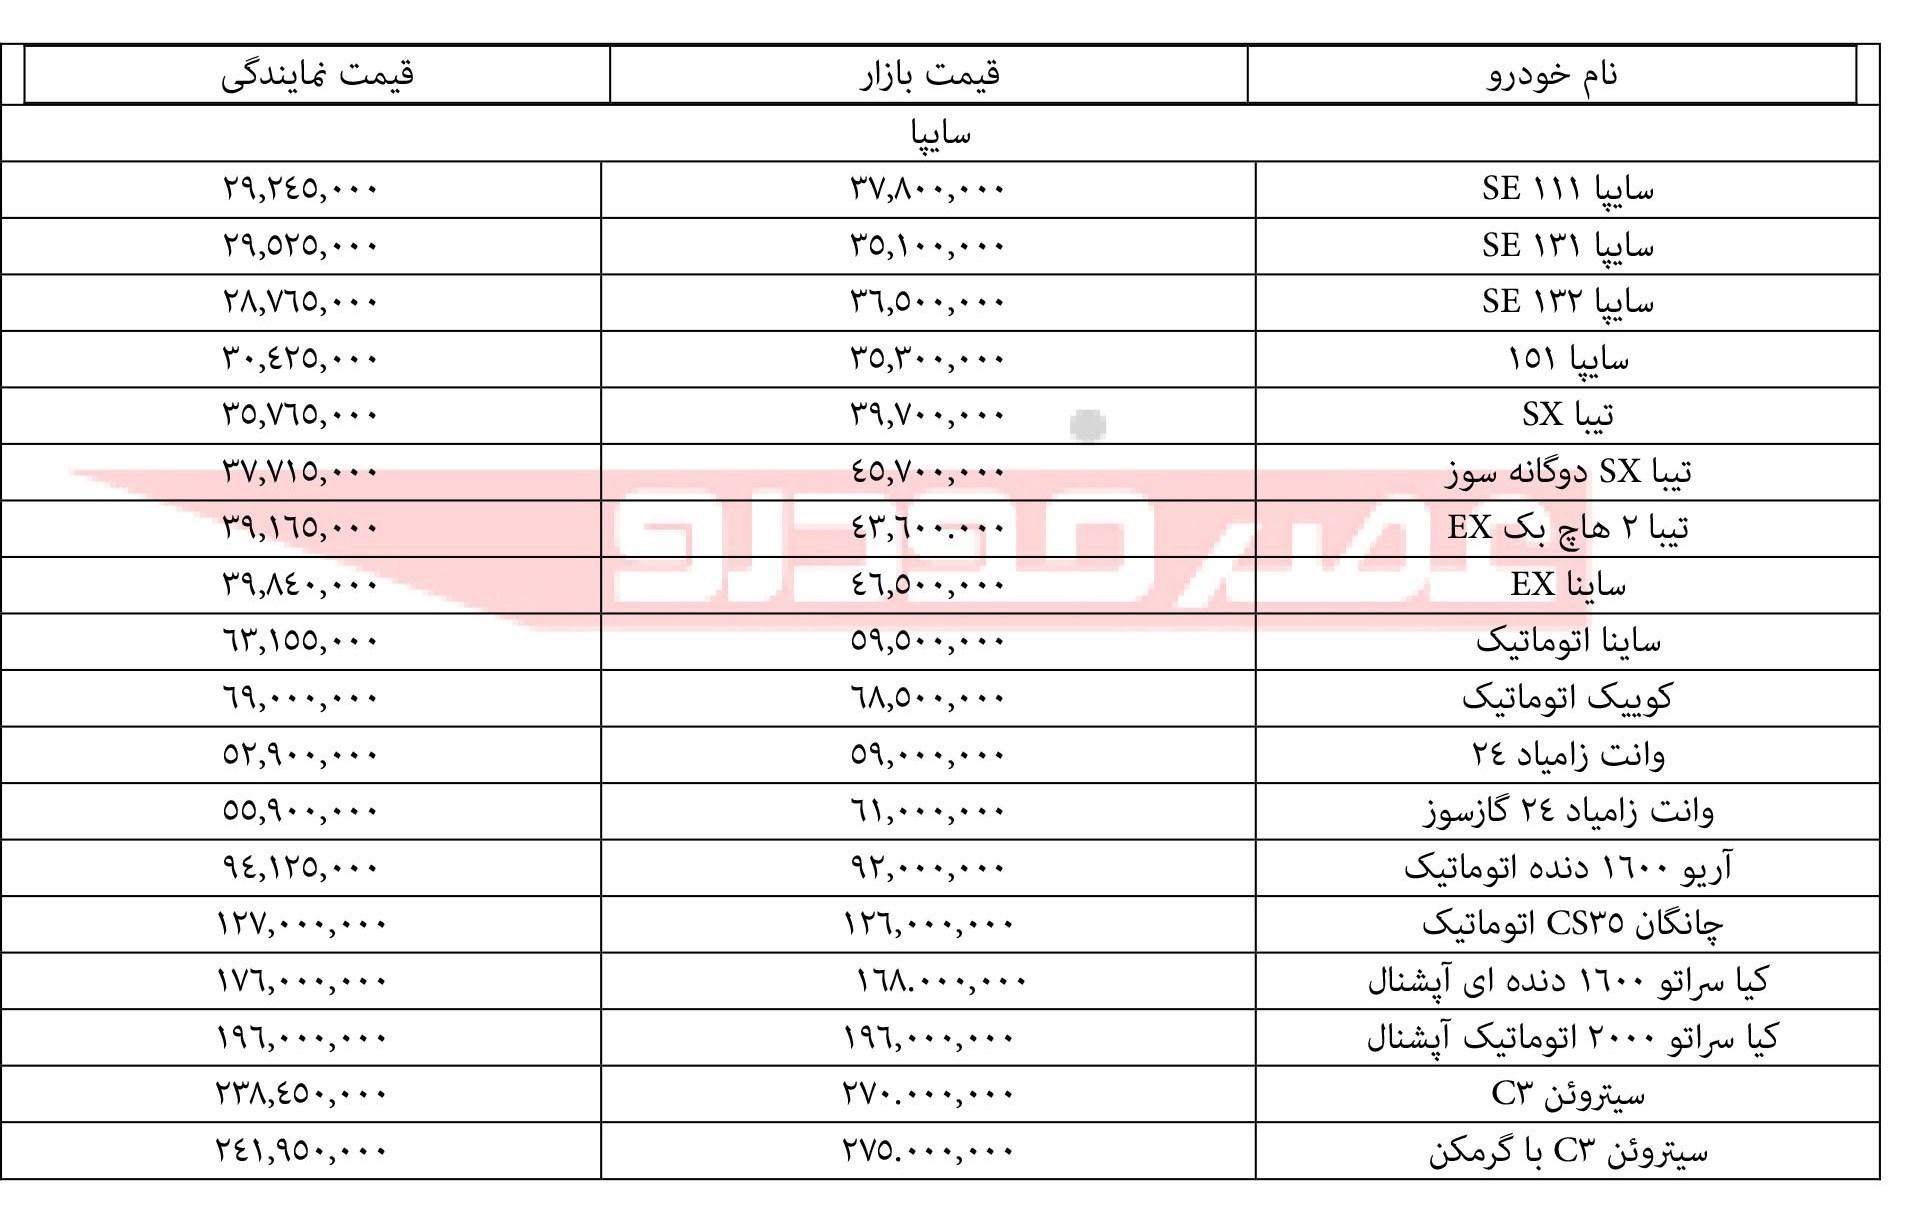 قیمت انواع محصولات سایپا ۳۰ دی ۹۷ - 2